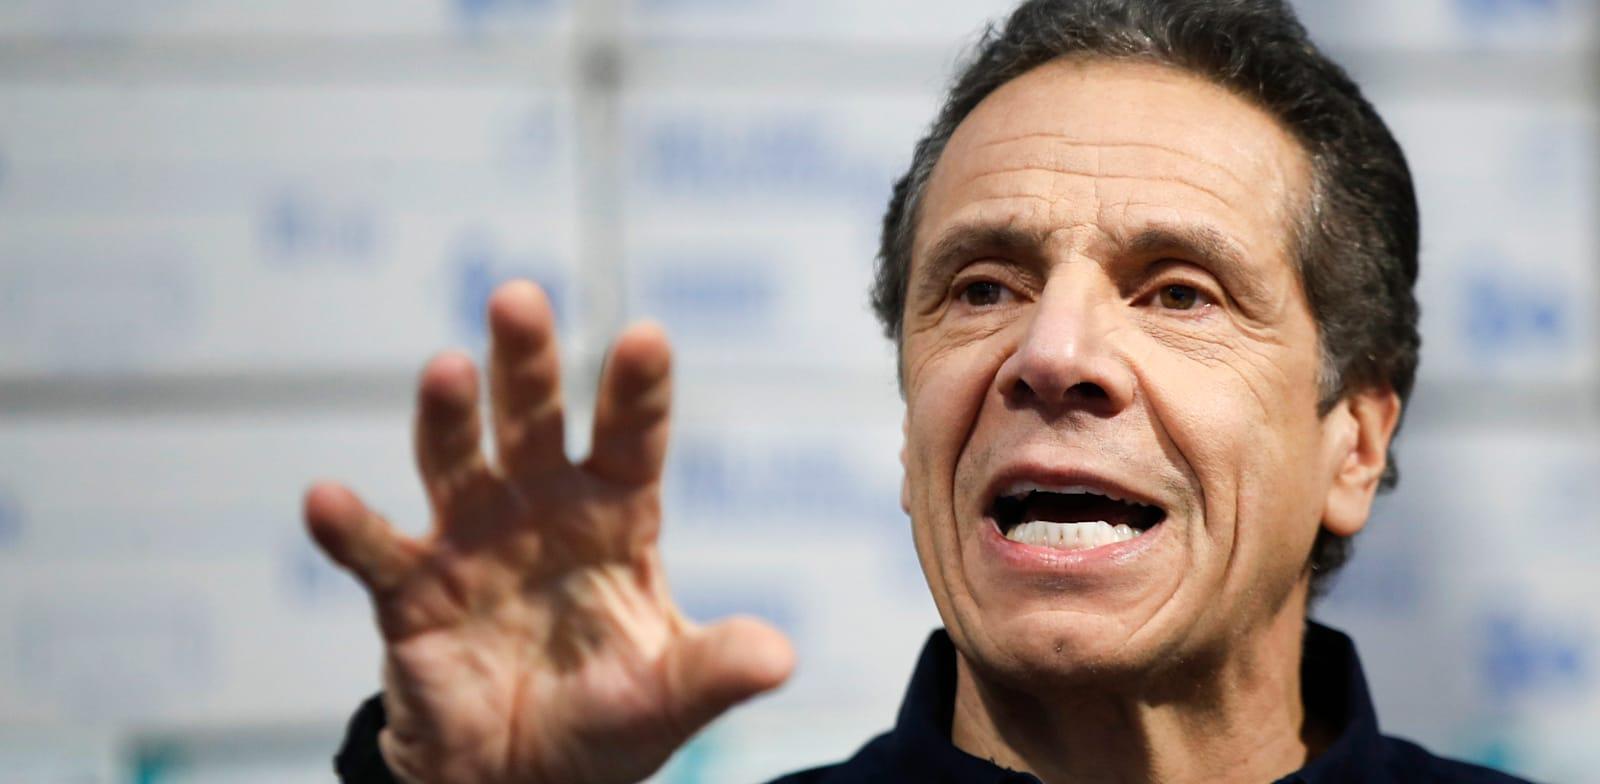 מושל ניו יורק אנדרו קואומו. די הרבה דמוקרטים הצטערו שקואומו לא הצטרף מבעוד מועד לתחרות על מועמדות מפלגתם לנשיאות / צילום: Associated Press, John Minchillo